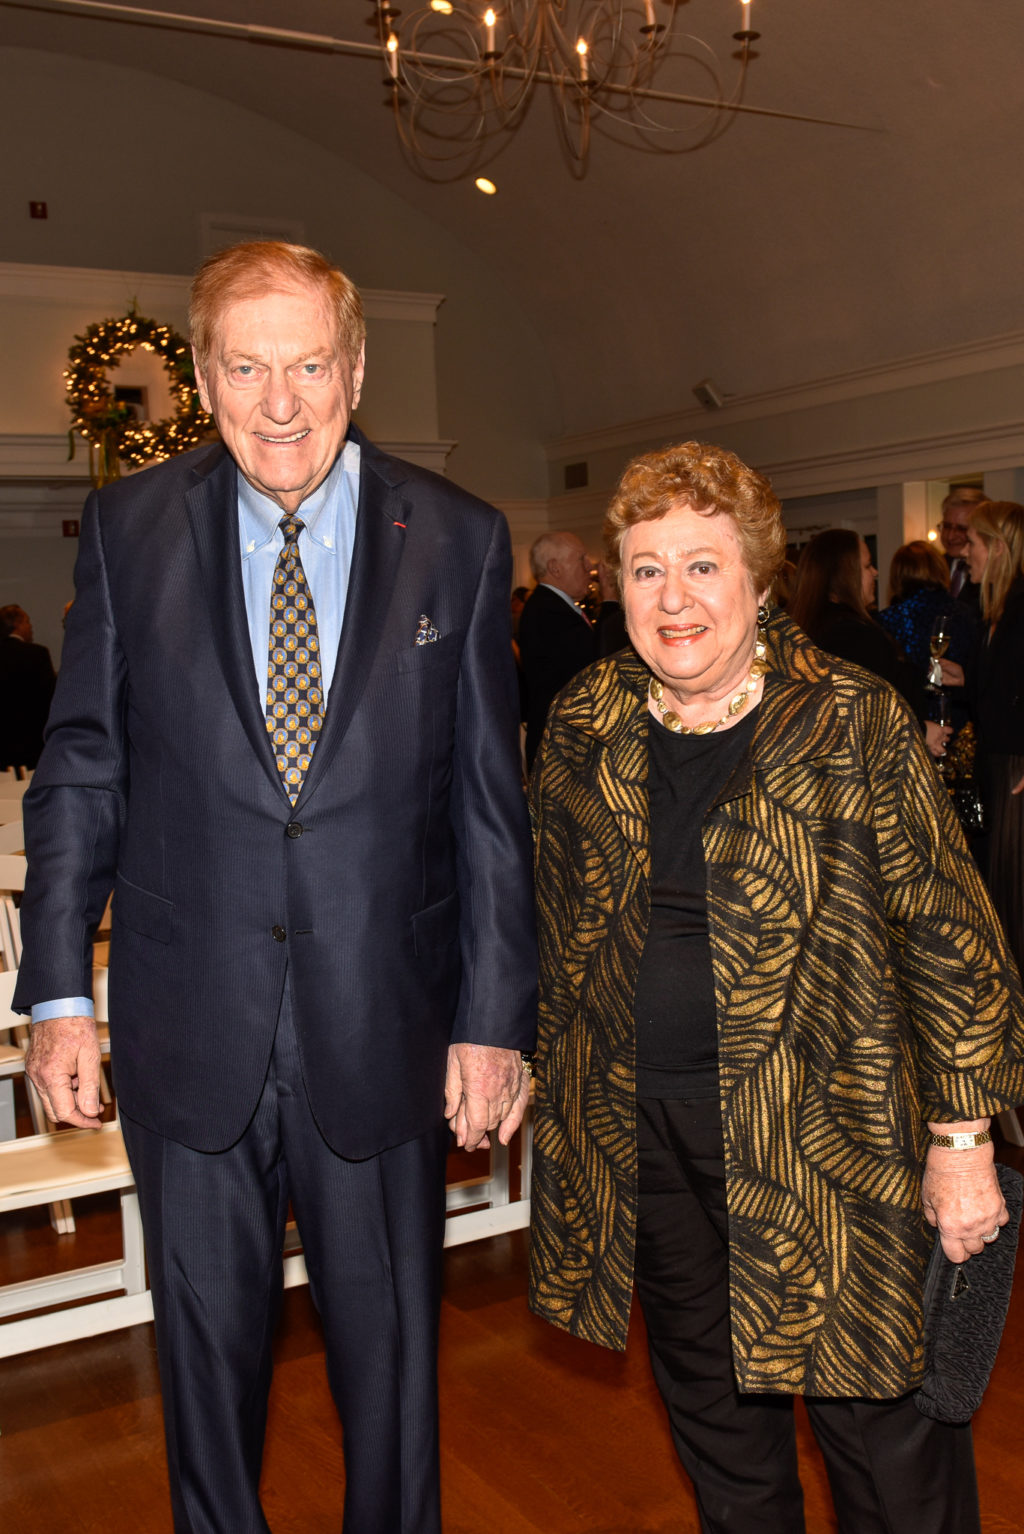 Bill and Fran Deutsch